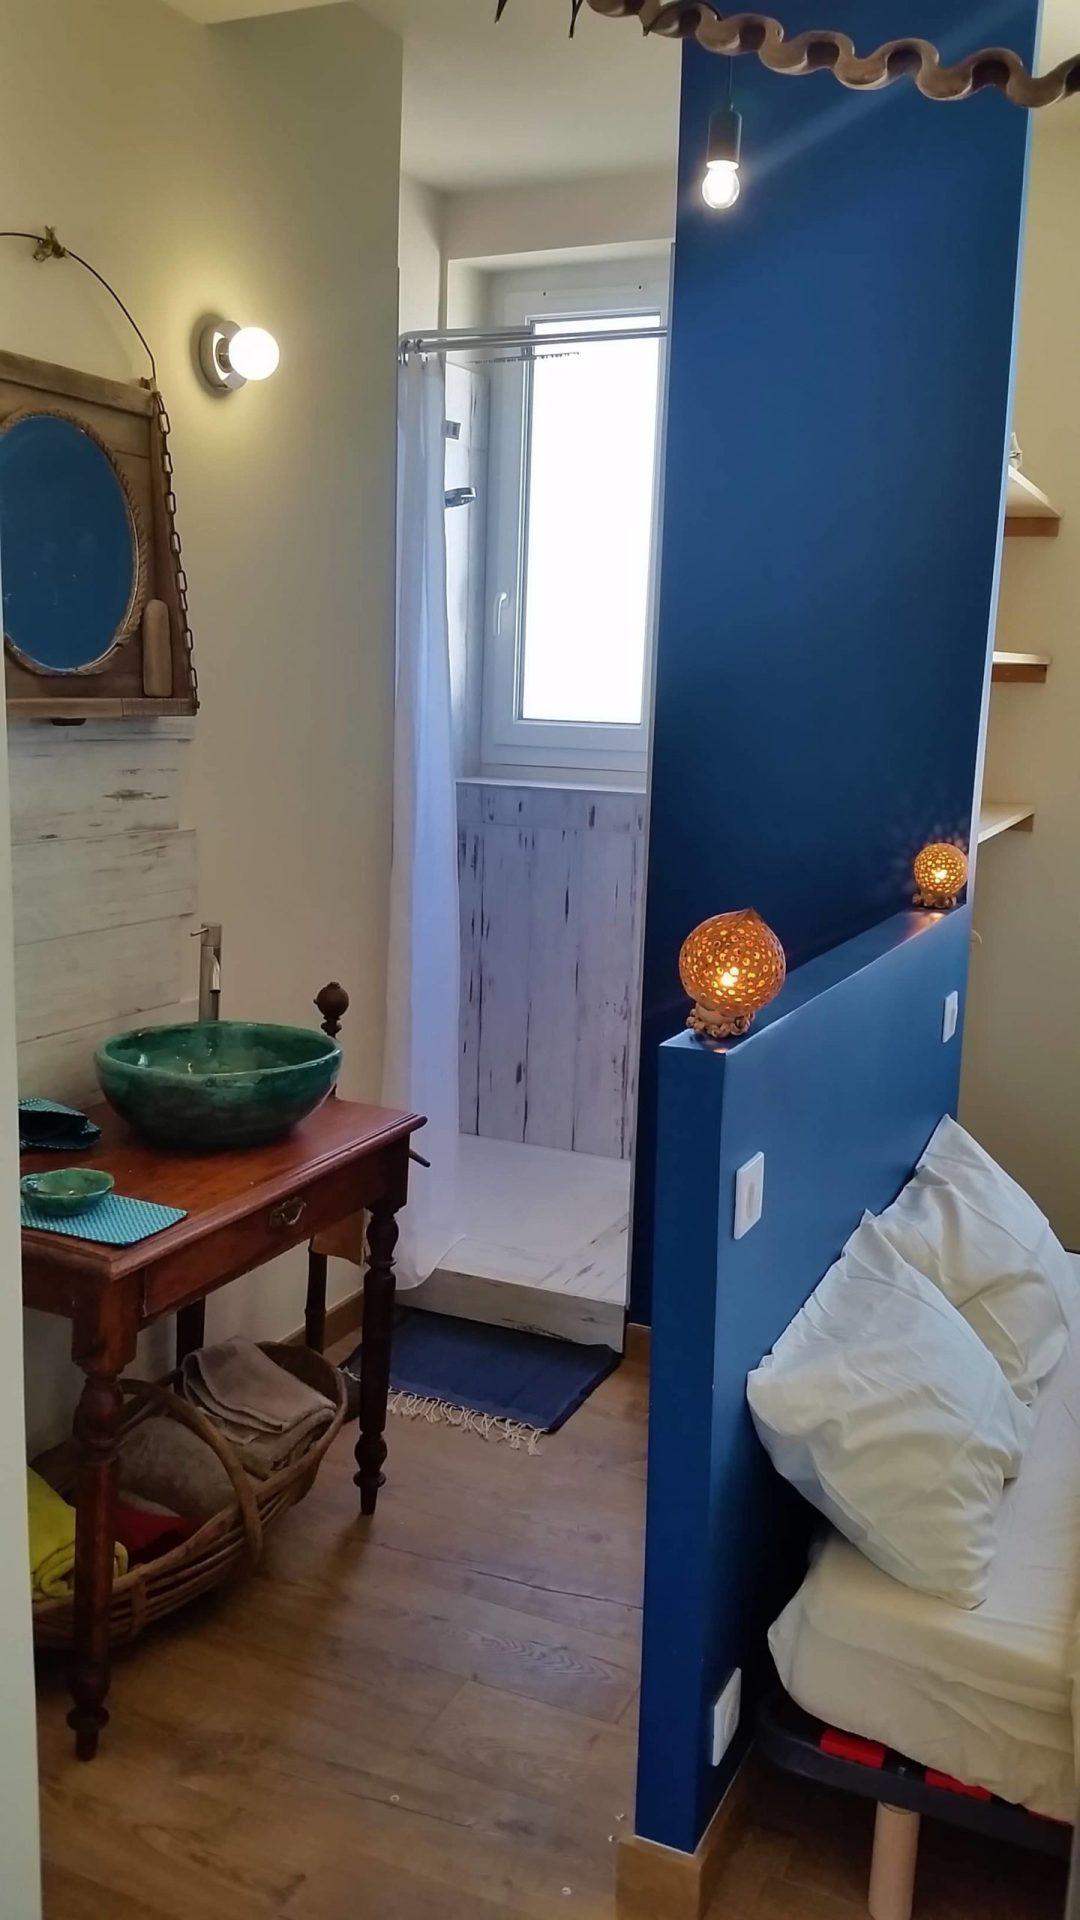 airbnb Aytré - Salle de bain